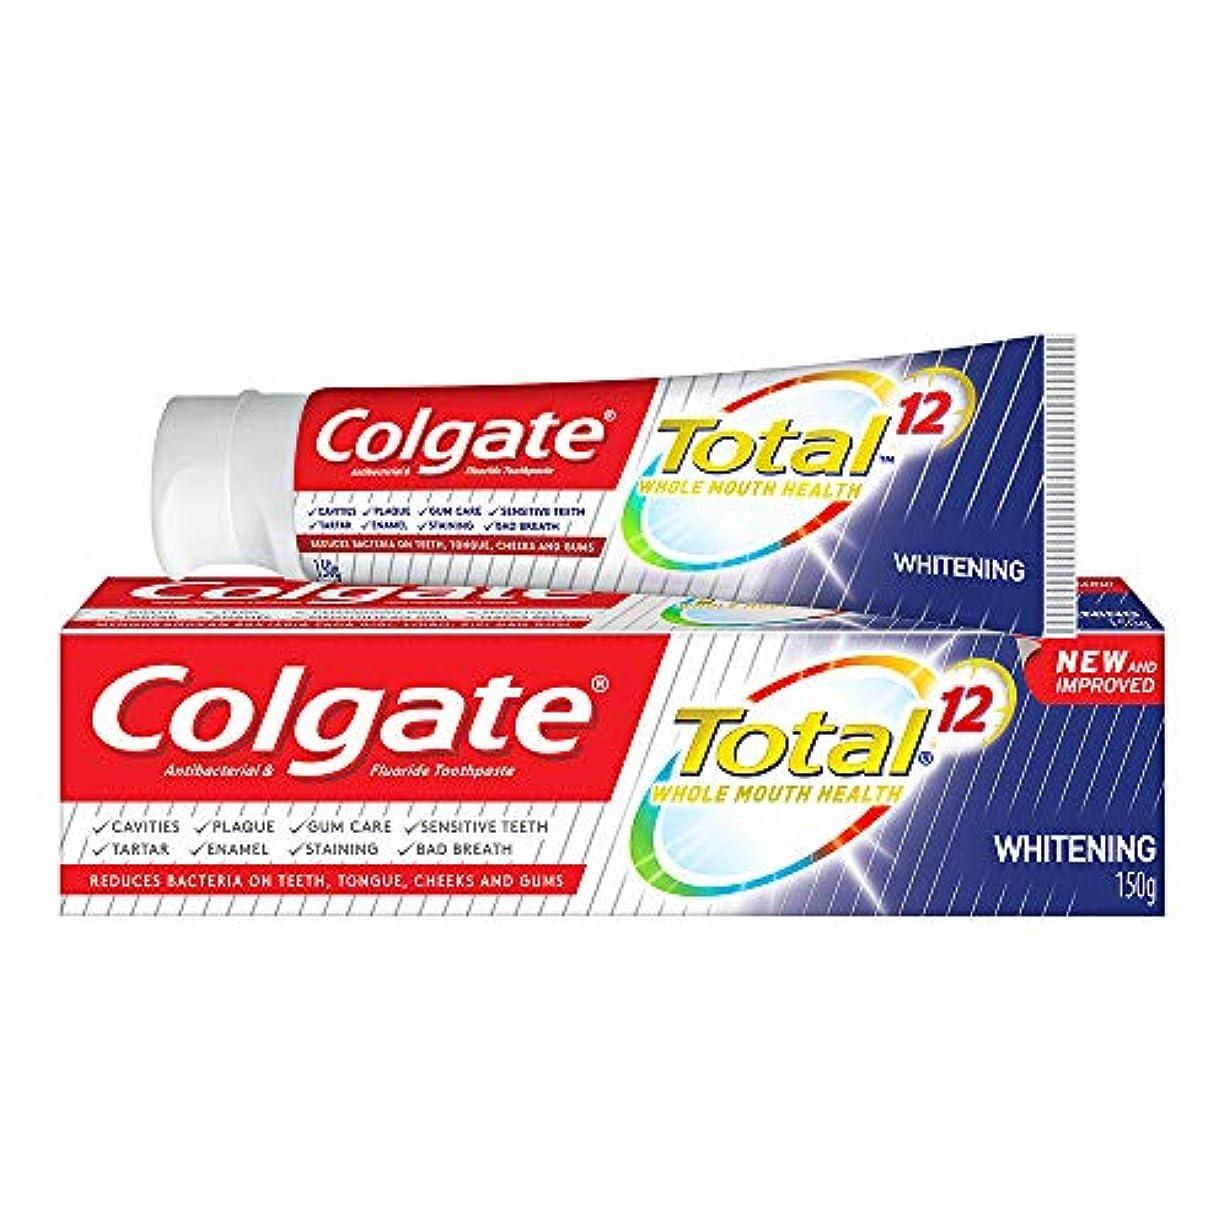 デイジー利得価値のない(コルゲート)Colgate 歯磨き粉 Total (150g, ホールマウスヘルス)